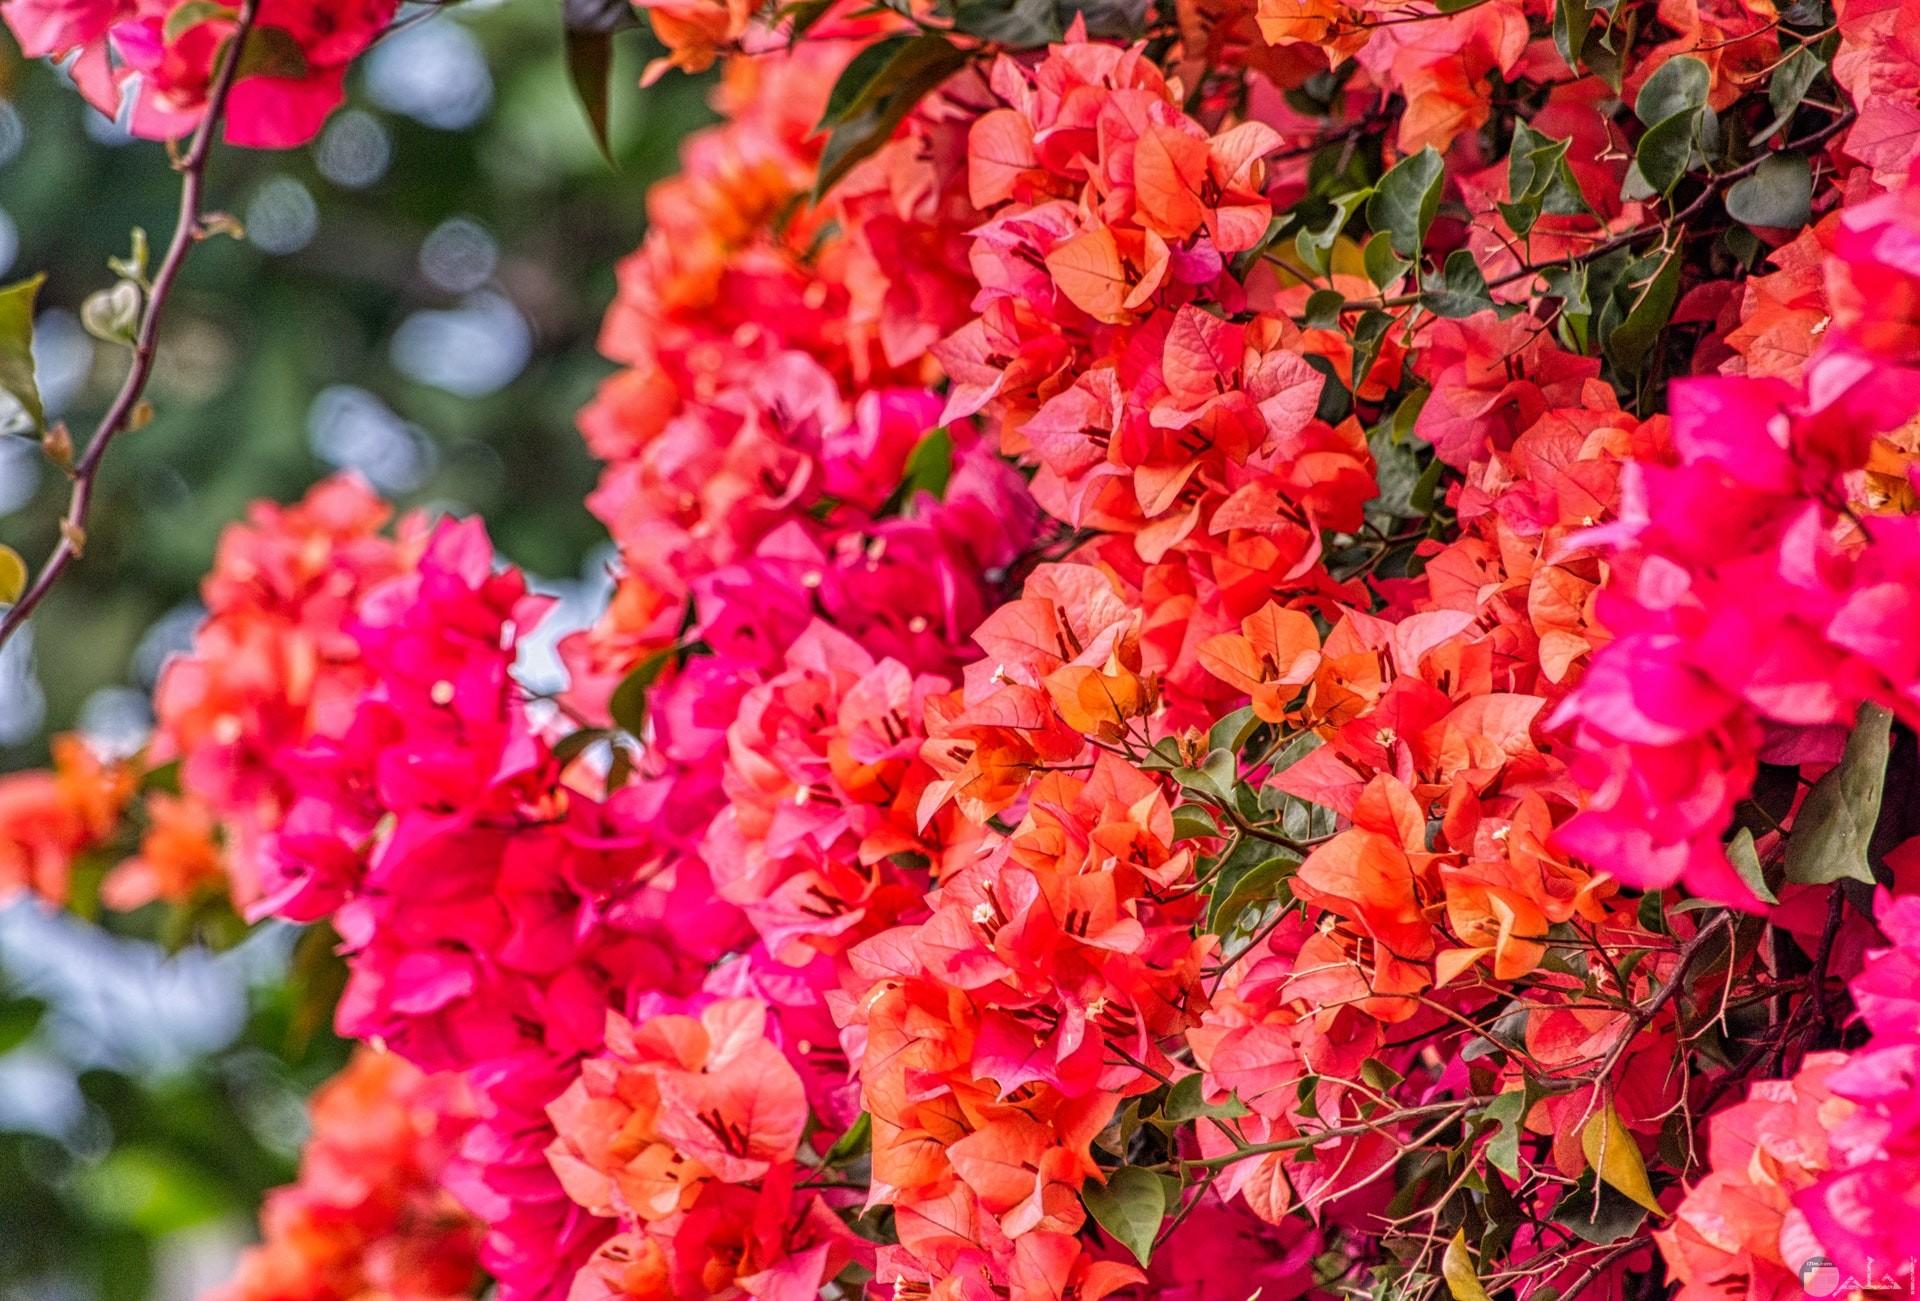 صوره حلوة لورد جميل للفيس بوك